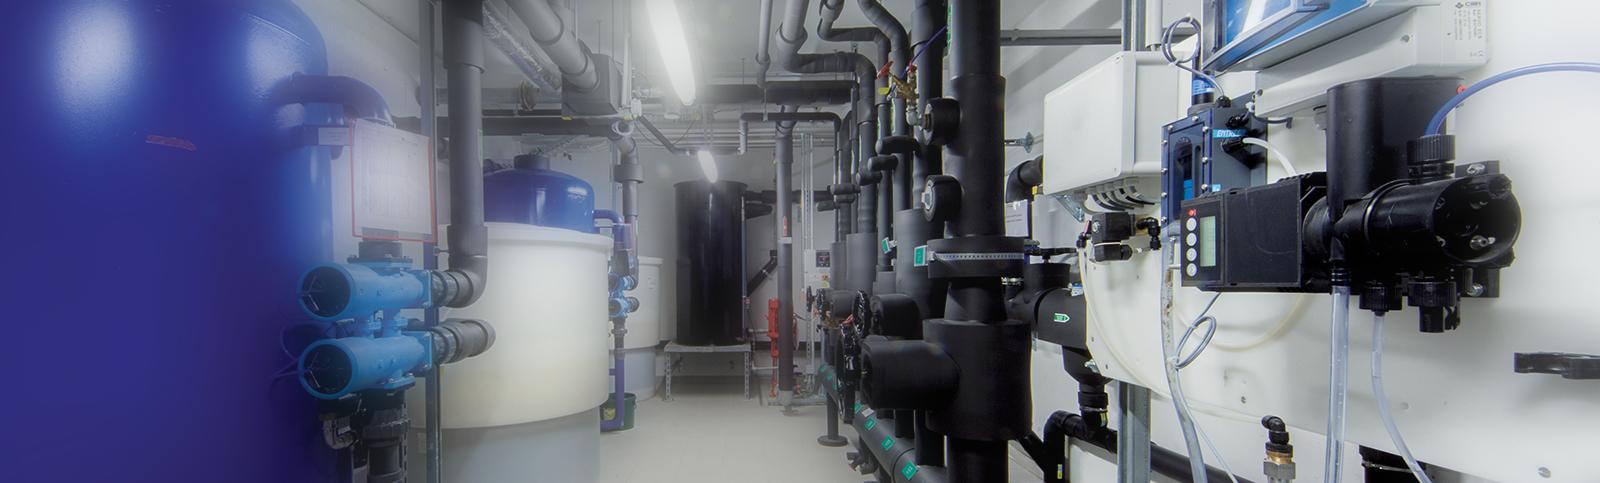 a+p kieffer omnitec – Sanitaire et traitement des eaux